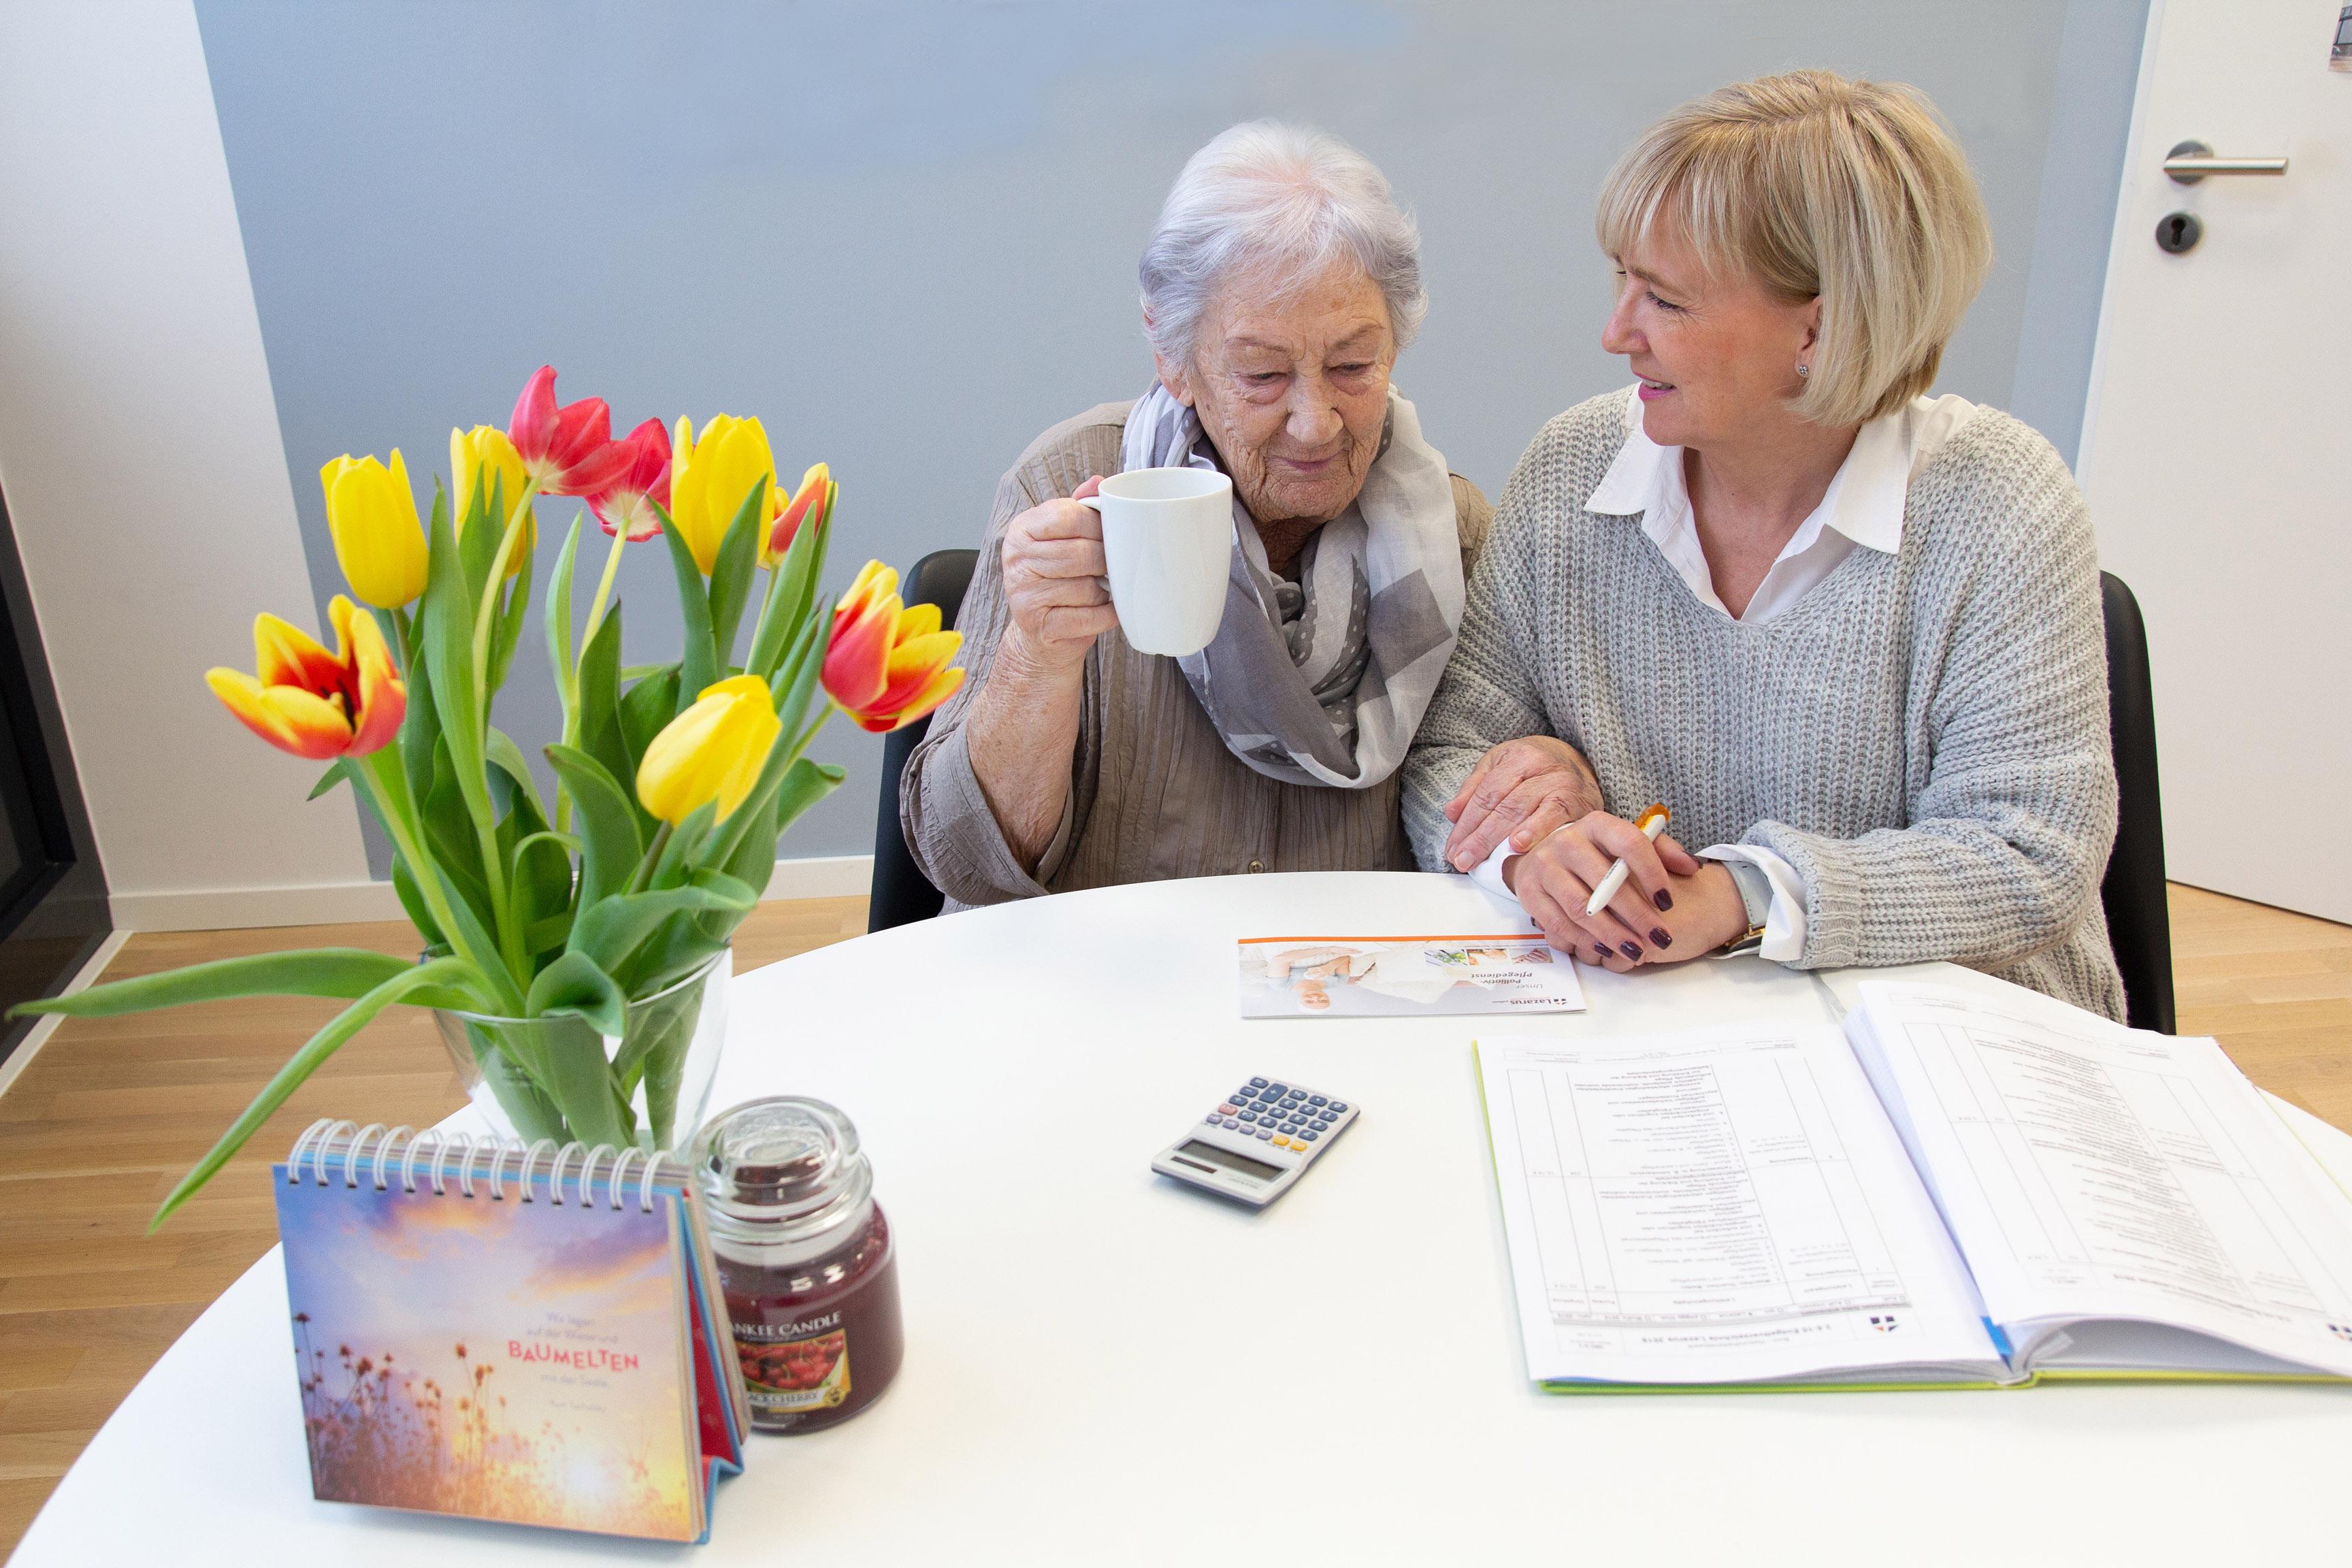 Pflegeplanung schreiben: Professionell oder für die Pflege von Angehörigen